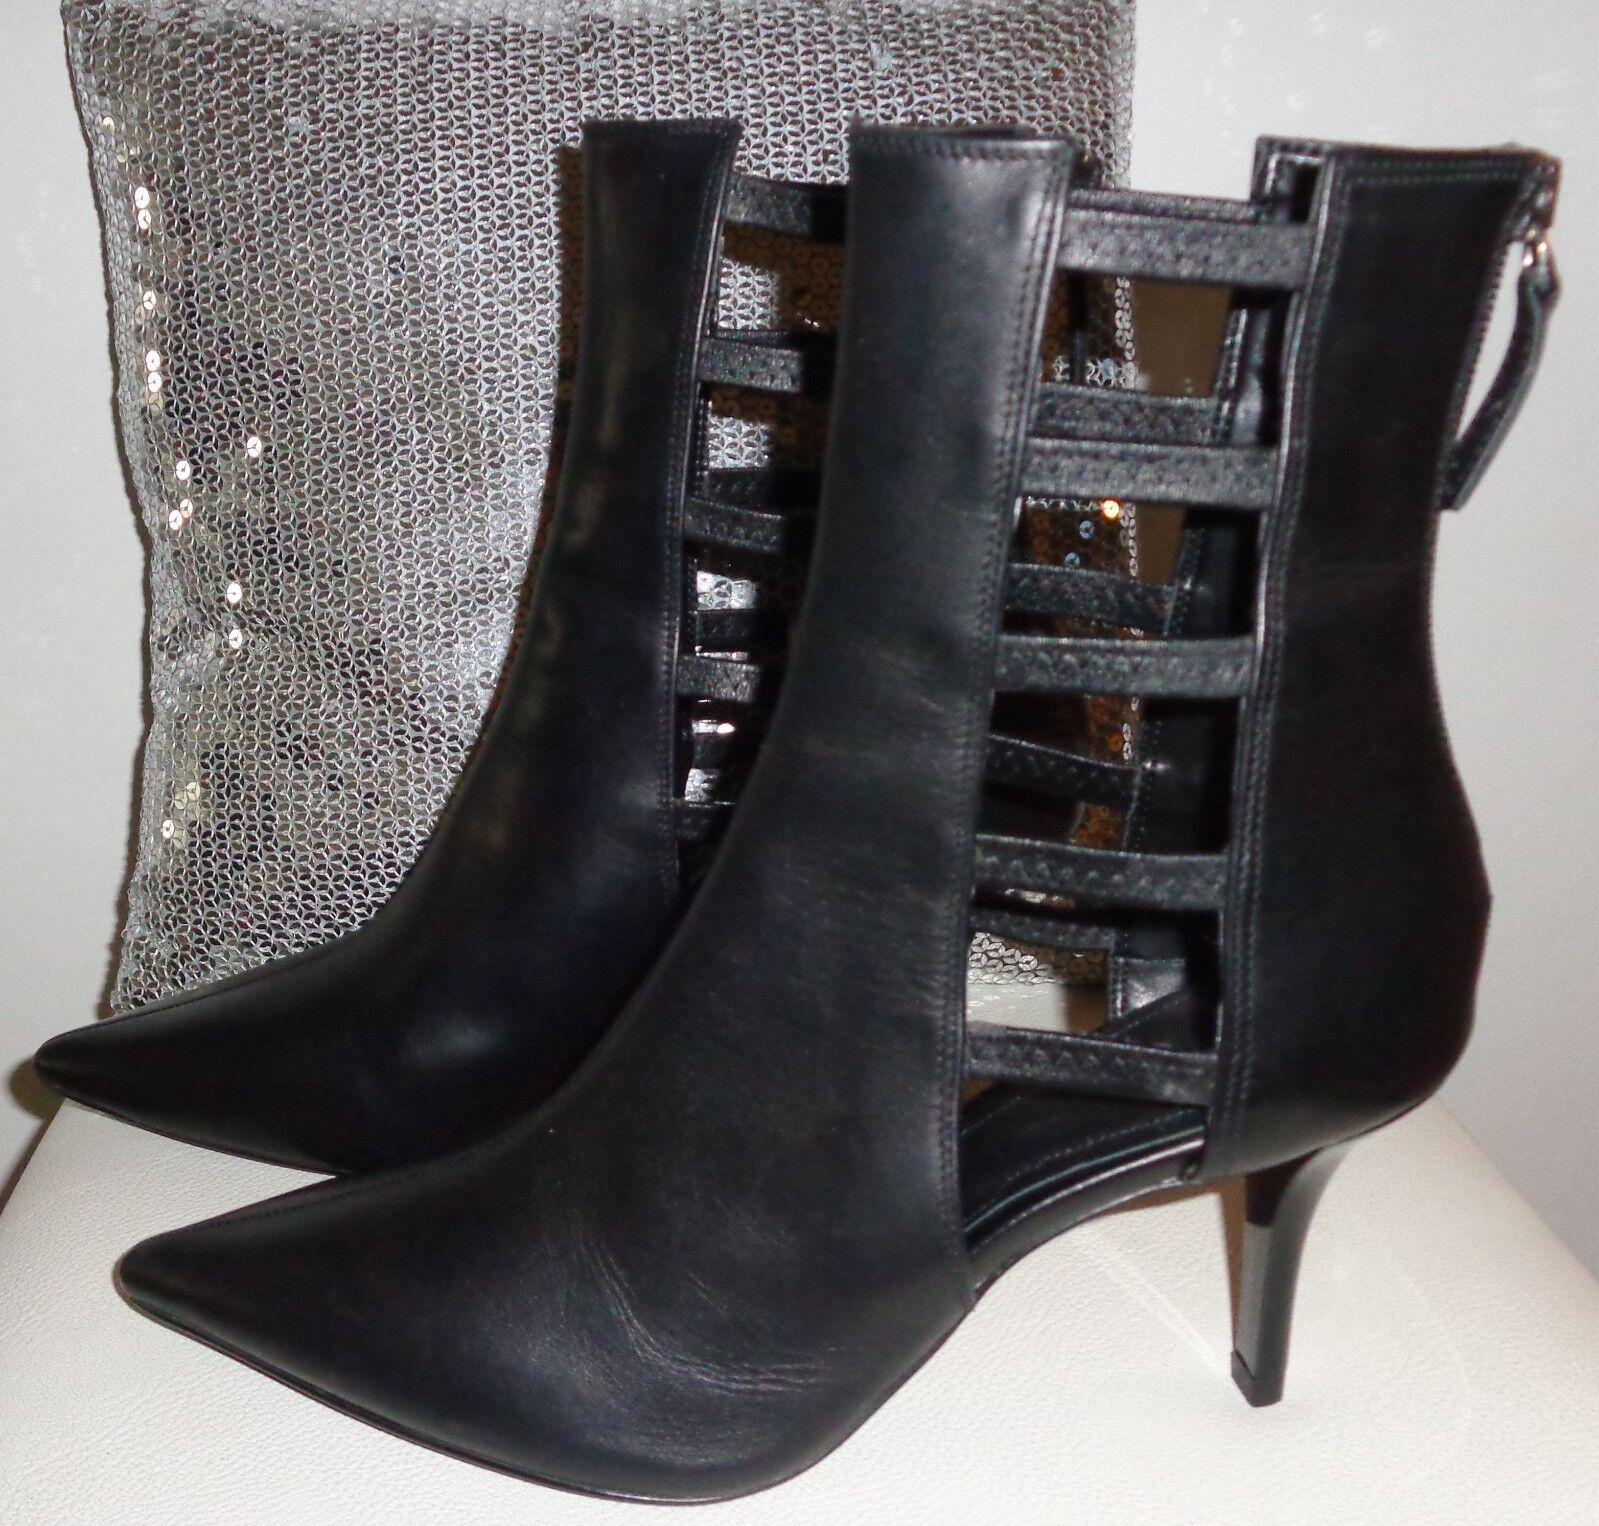 Bottes bottines cuir noir bout pointu vamp effet cage latéral zip arrière ZARA 38